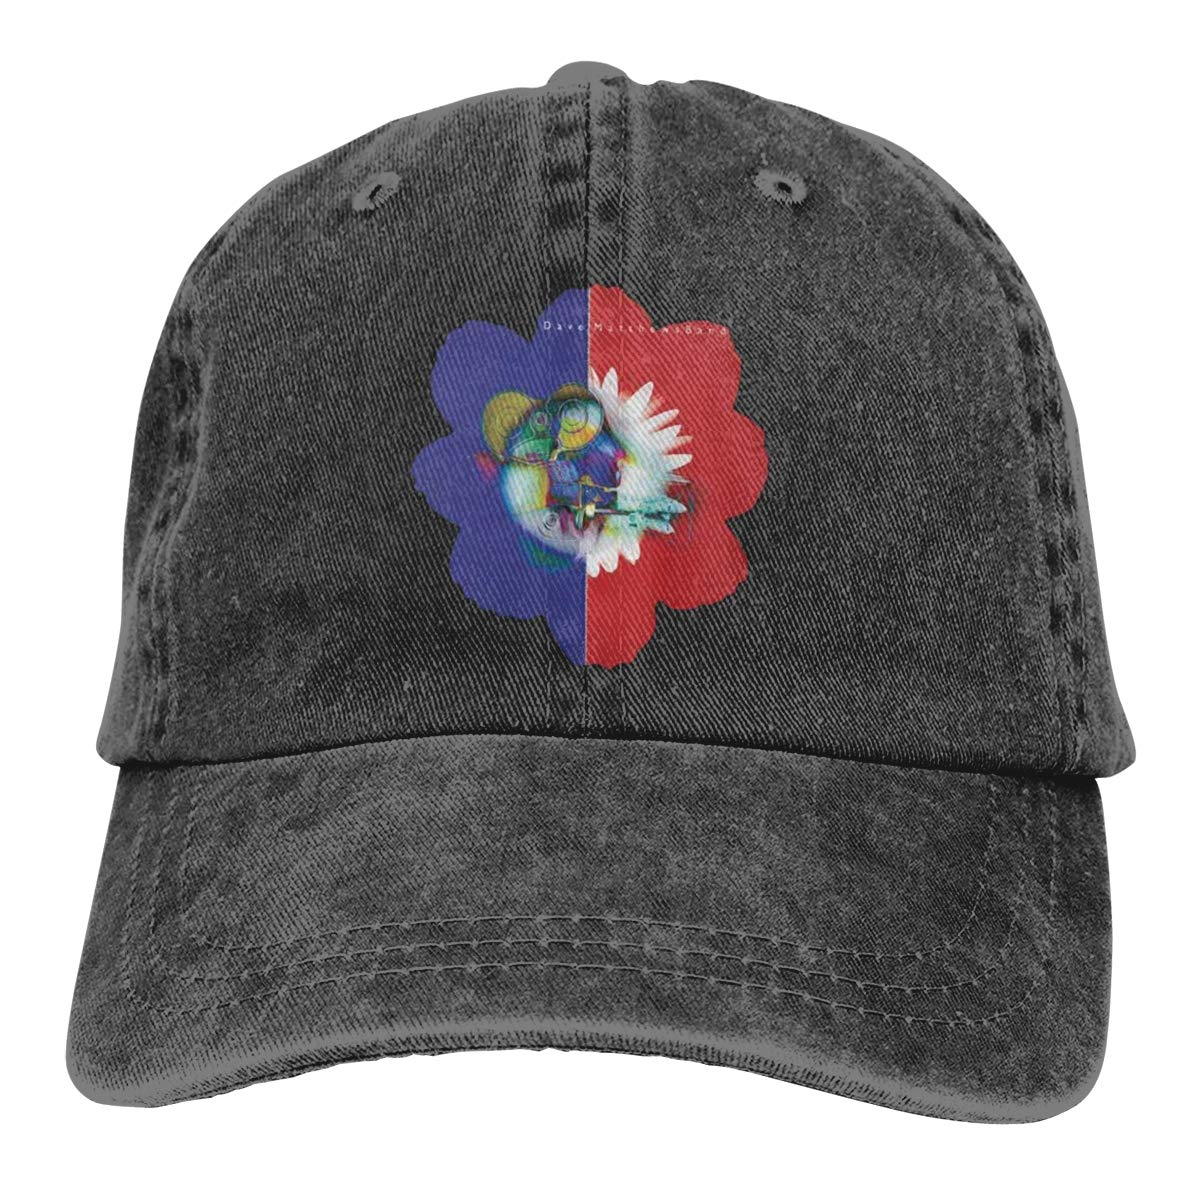 Feeling Unique Dave-Matthews Vintage Jeans Baseball Cap Classic Cotton Dad Hat Adjustable Plain Cap Black